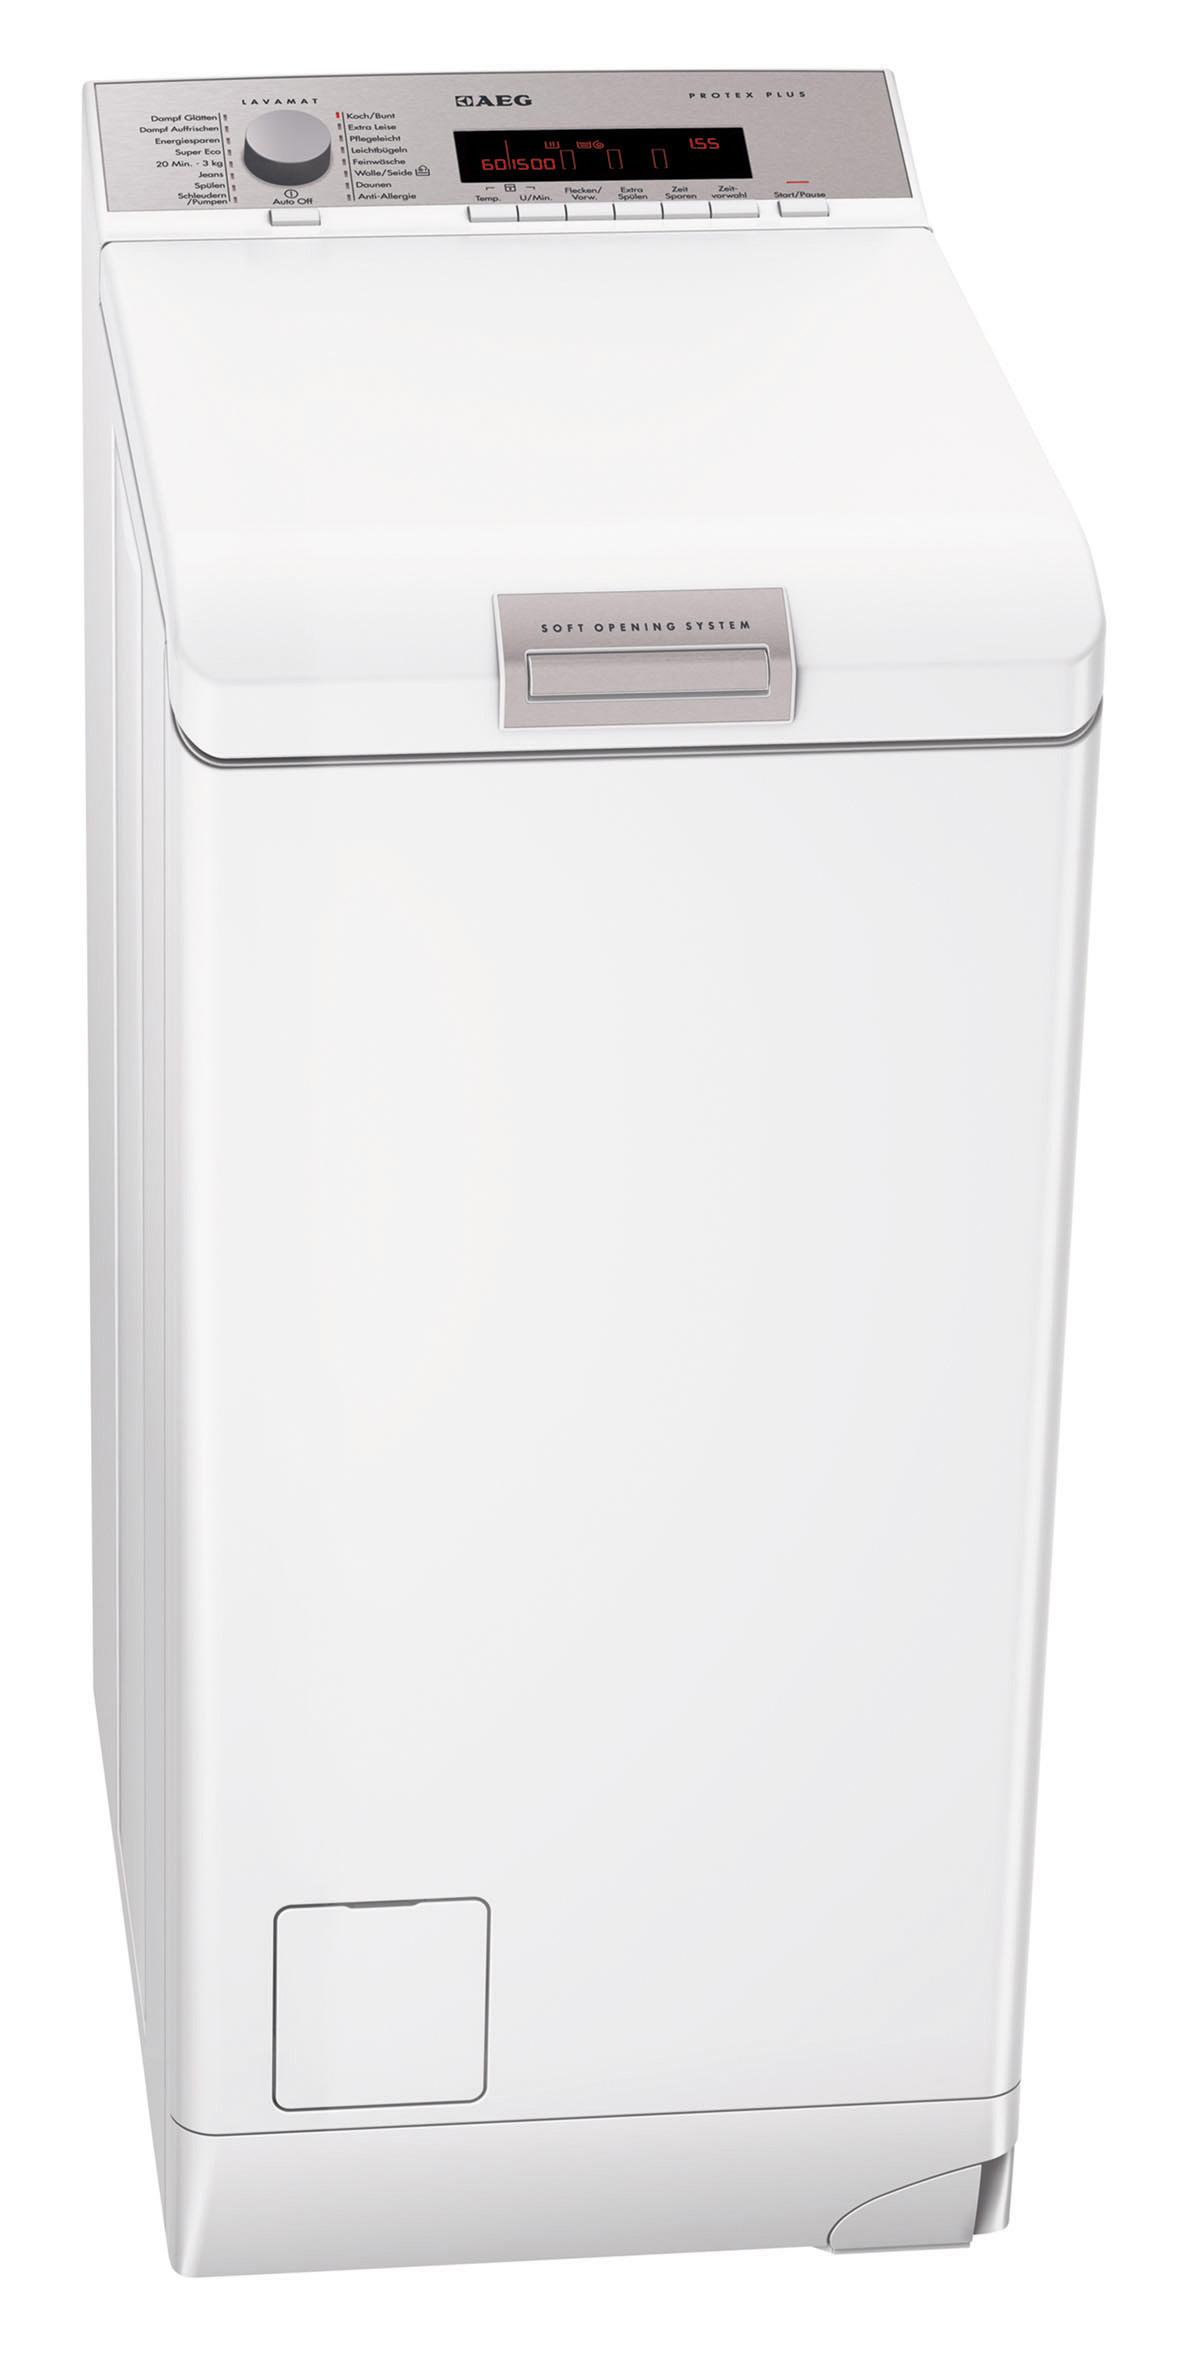 Waschmaschine Toplader Schmal : aeg protex waschmaschine schlanke waschmaschinen in serie ~ Sanjose-hotels-ca.com Haus und Dekorationen